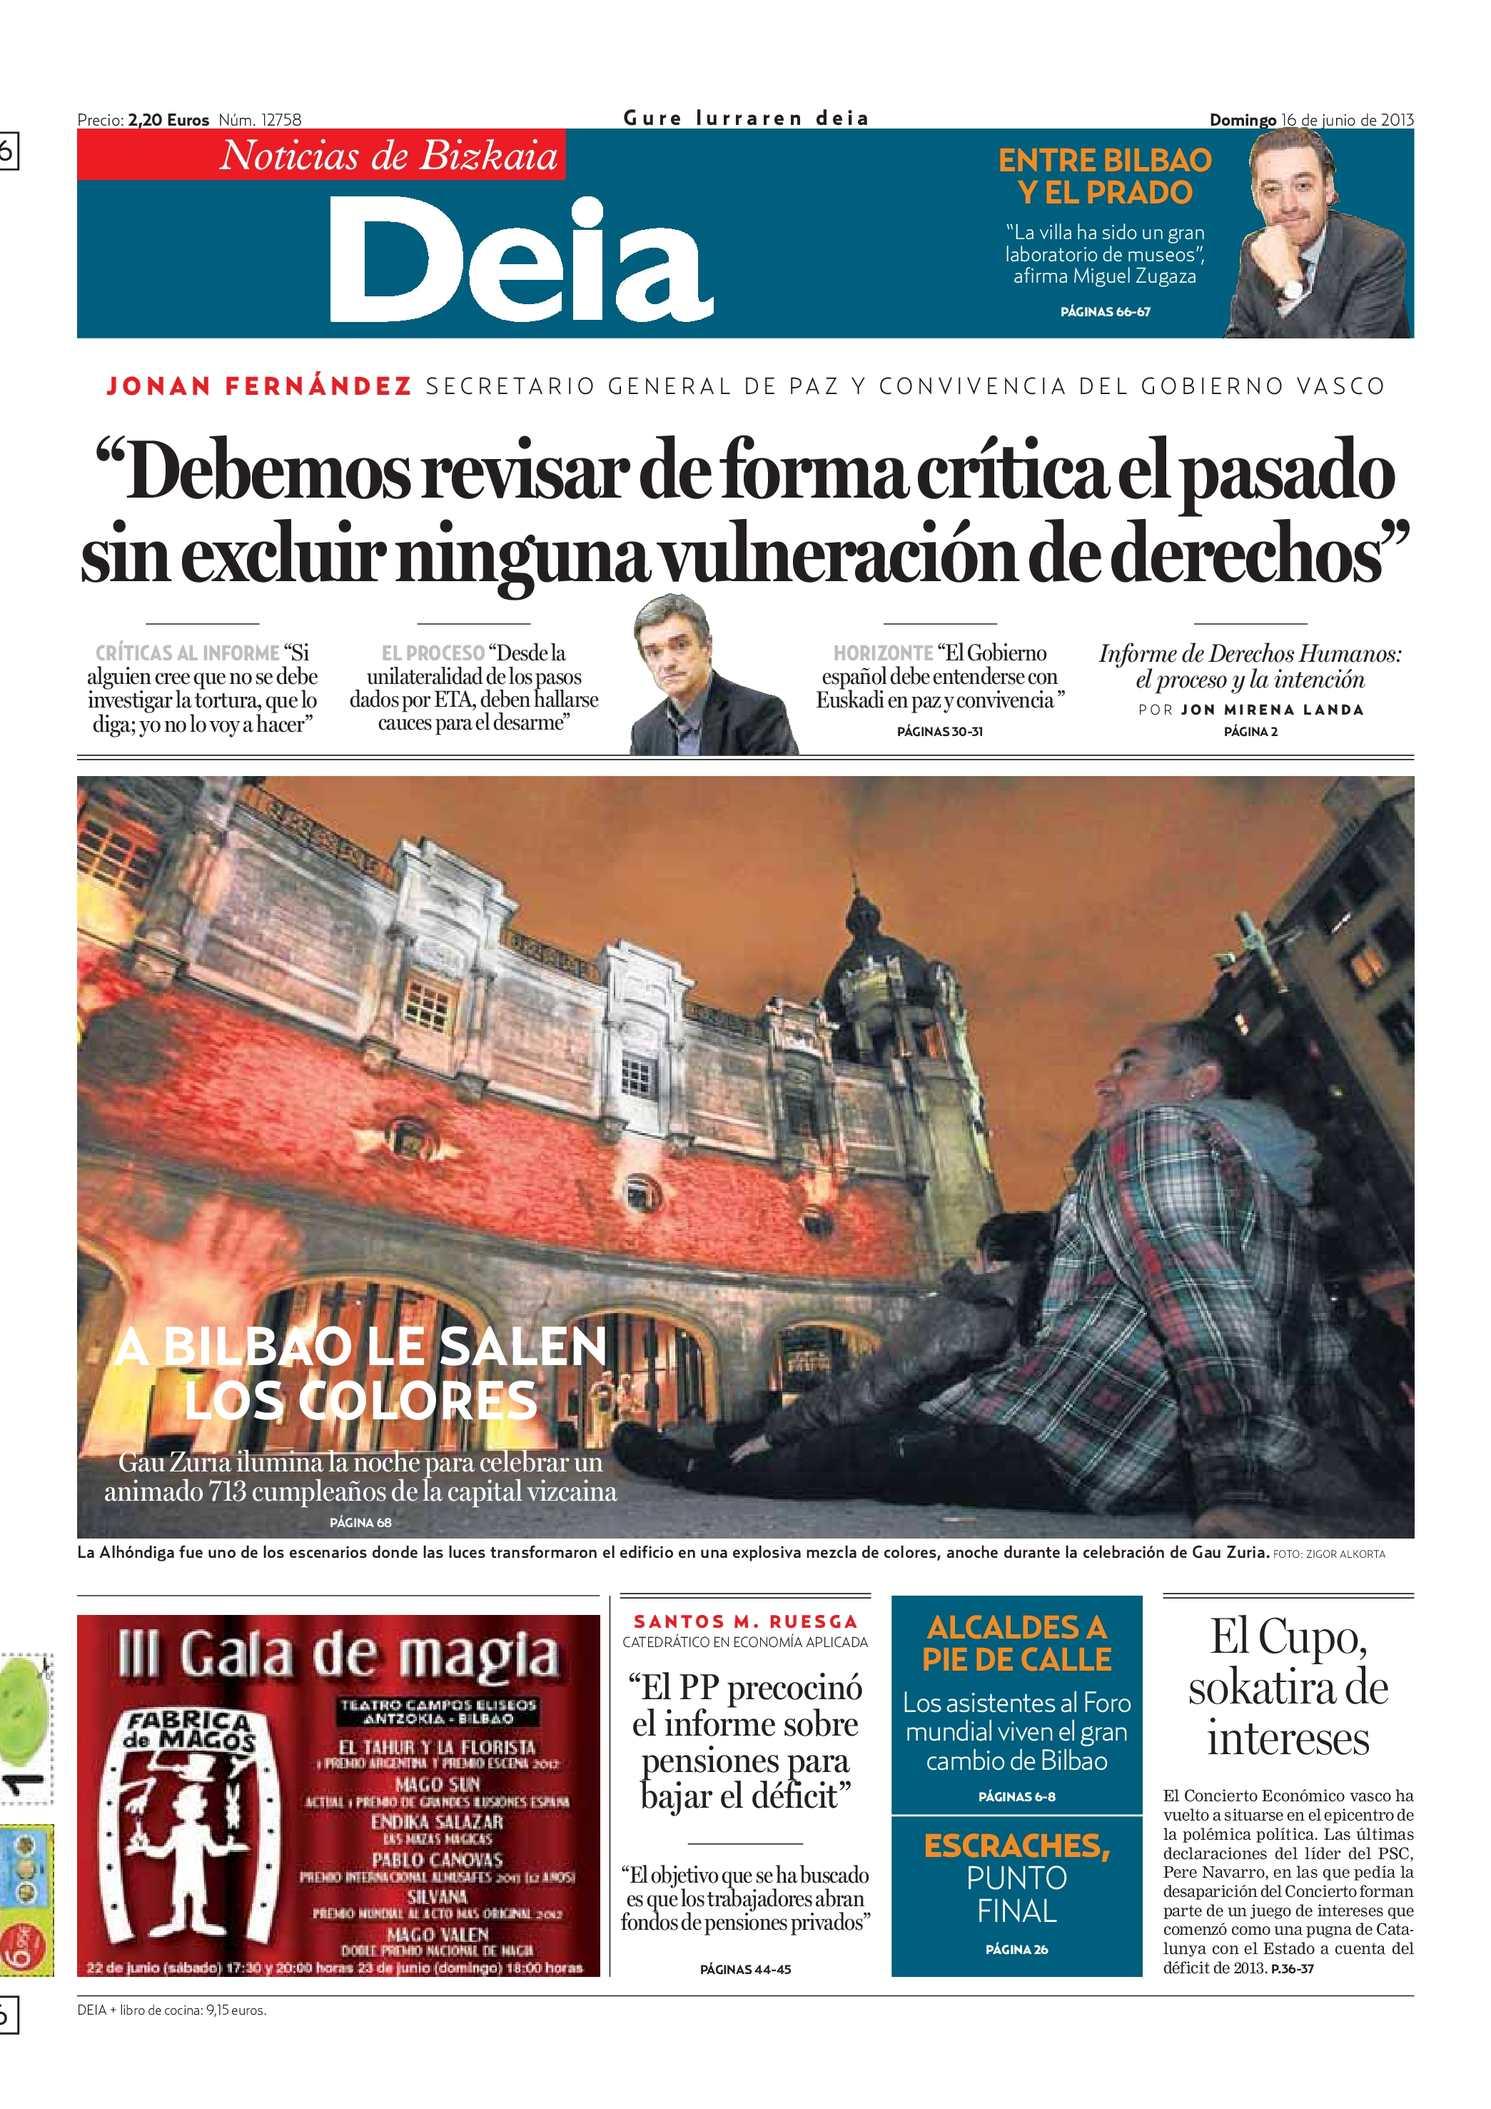 Calameo Deia 20130616